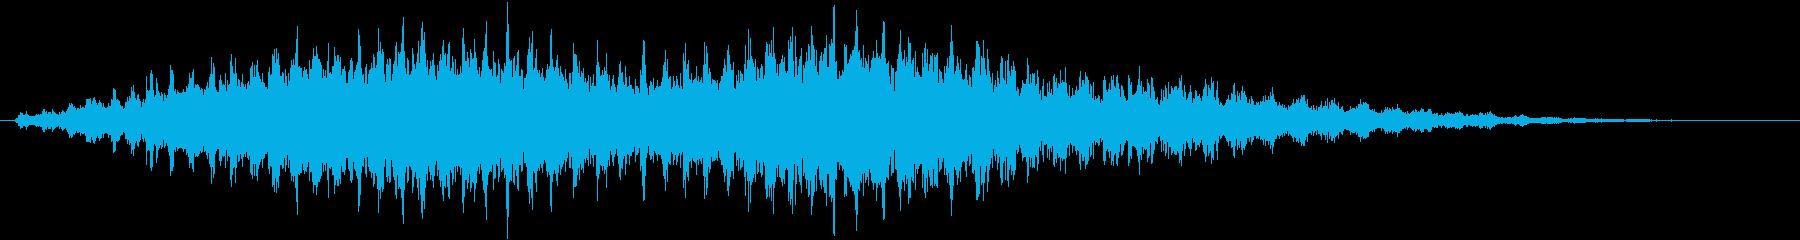 音侍SE「フルフル〜」重めな振り鈴の音の再生済みの波形